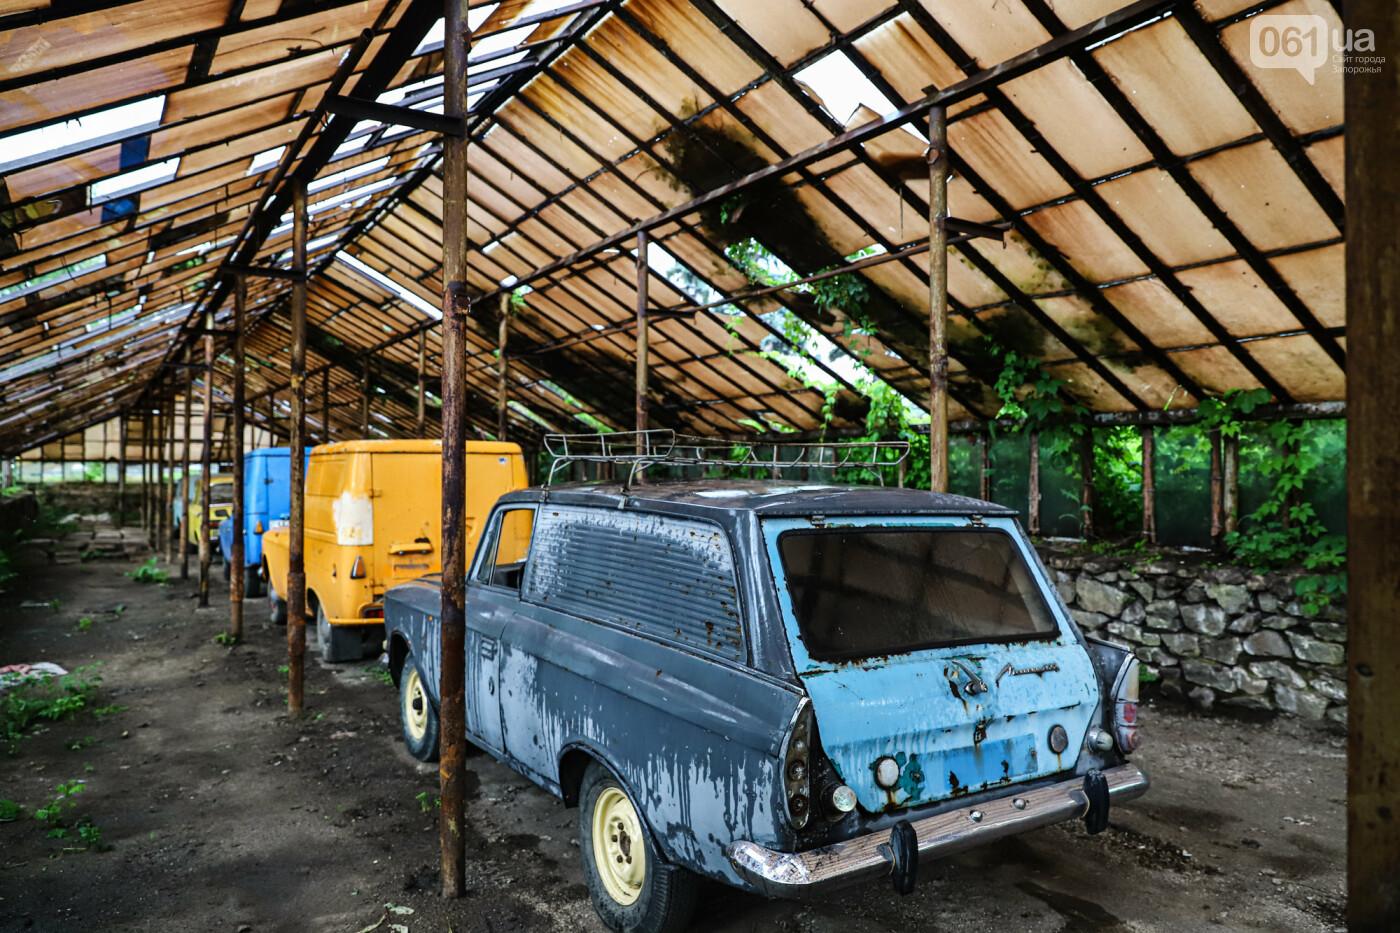 В Запорожье на месте зеленхоза одного из заводов появится Музей специального транспорта, - ФОТОРЕПОРТАЖ, фото-46